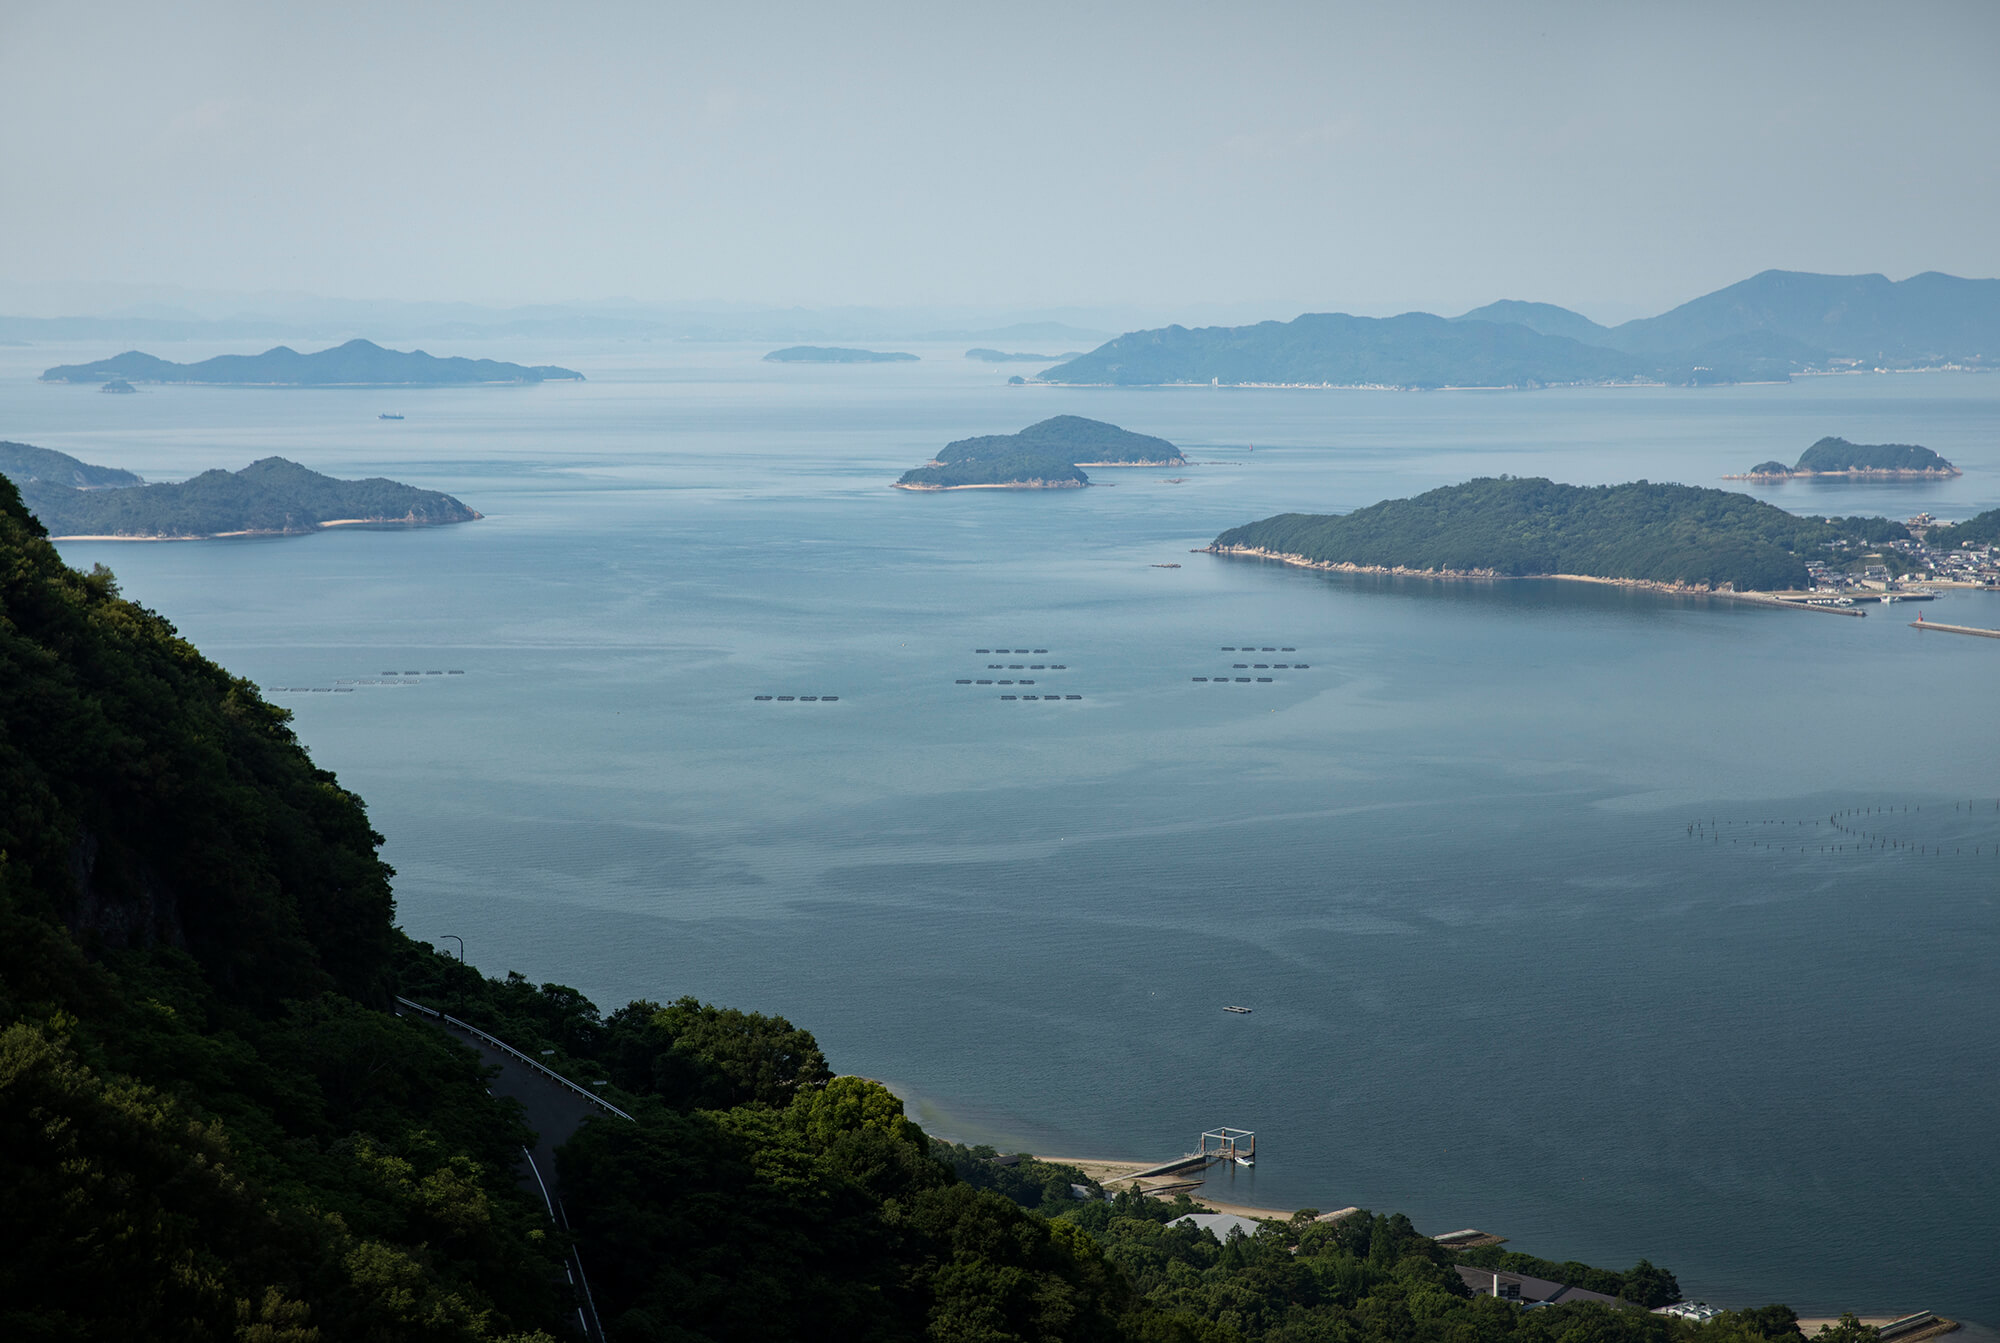 日本のもの作りを旅する  〜 その1「鉄作家、槇塚登とTAKIBISM」